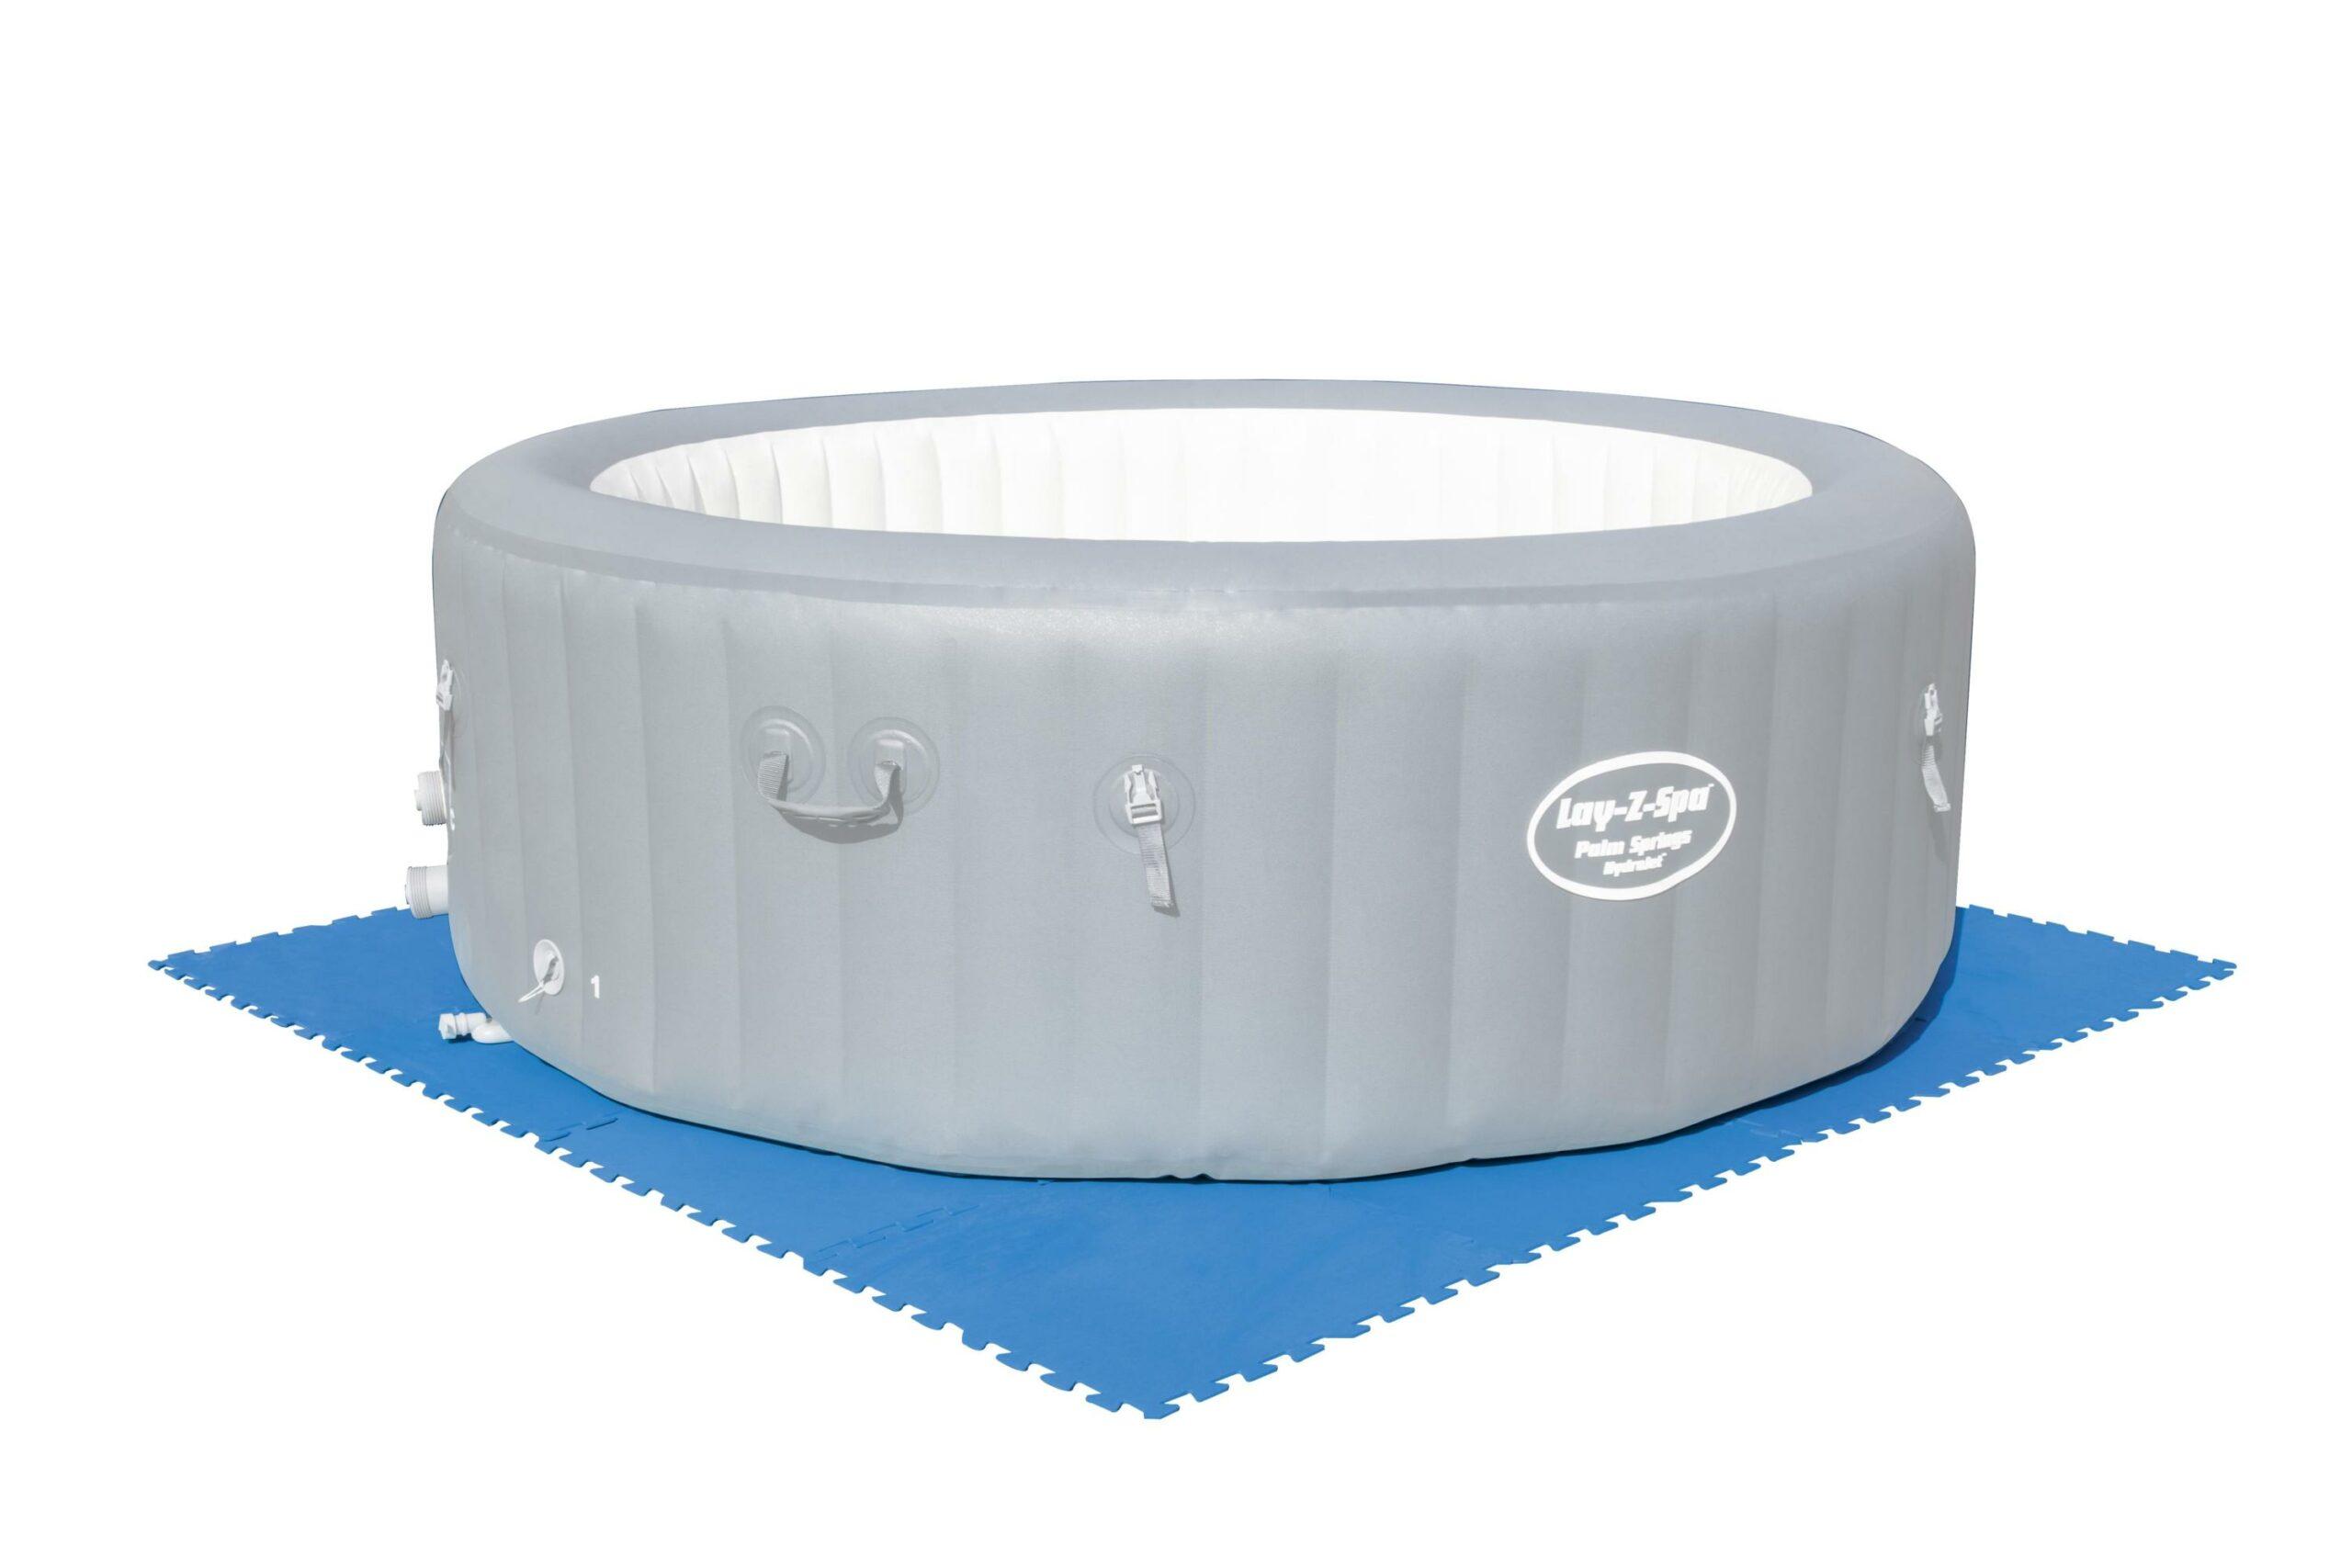 Bestway gulvbeskytter til hagebasseng (50cm x 50cm) spabad